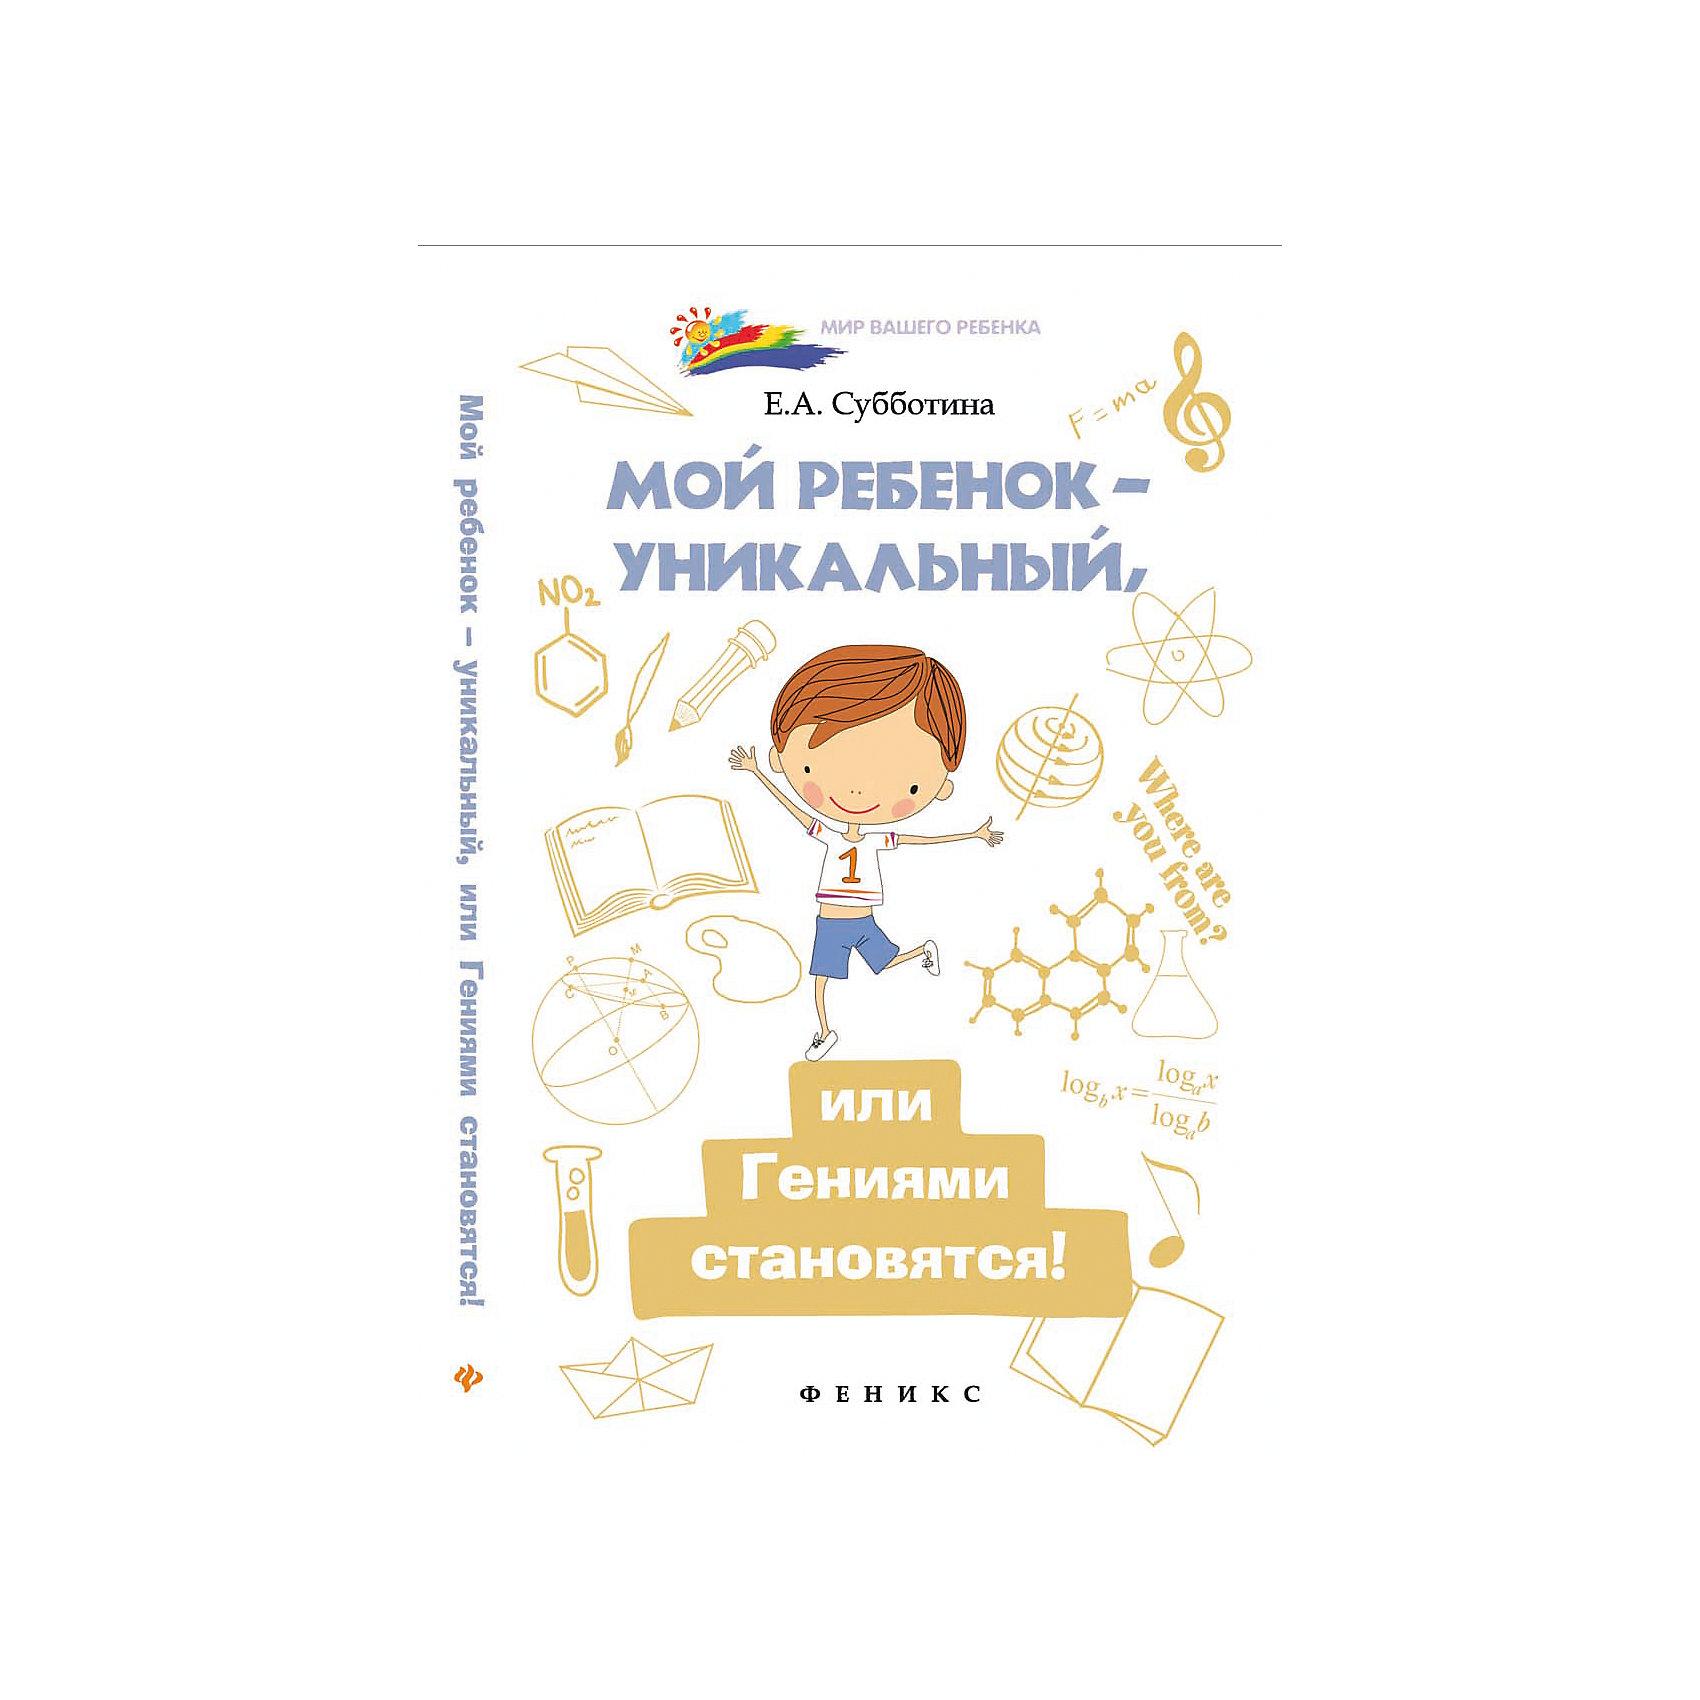 Мой ребенок - уникальный, или Гениями становятся!Книги по педагогике<br>Характеристики товара:<br><br>• ISBN 9785222246207<br>• формат 200х125 мм<br>• серия «Мир Вашего ребенка»<br>• издательство Феникс<br>• автор Субботина Елена<br>• переплет: мягкий<br>• количество страниц 191<br>• год выпуска 2015<br>• размер 20х12,5х0,8 см<br><br>Книга «Мой ребенок - уникальный, или Гениями становятся!» поможет родителям выявить таланты ребенка, проявить индивидуальность и одаренность, ведь каждый родитель считает своего ребенка уникальным и талантливым. В книге содержатся методики развития детей и рекомендации педагогов и психологов. <br><br>Книгу «Мой ребенок - уникальный, или Гениями становятся!» можно приобрести в нашем интернет-магазине.<br><br>Ширина мм: 80<br>Глубина мм: 125<br>Высота мм: 201<br>Вес г: 172<br>Возраст от месяцев: -2147483648<br>Возраст до месяцев: 2147483647<br>Пол: Унисекс<br>Возраст: Детский<br>SKU: 5501031